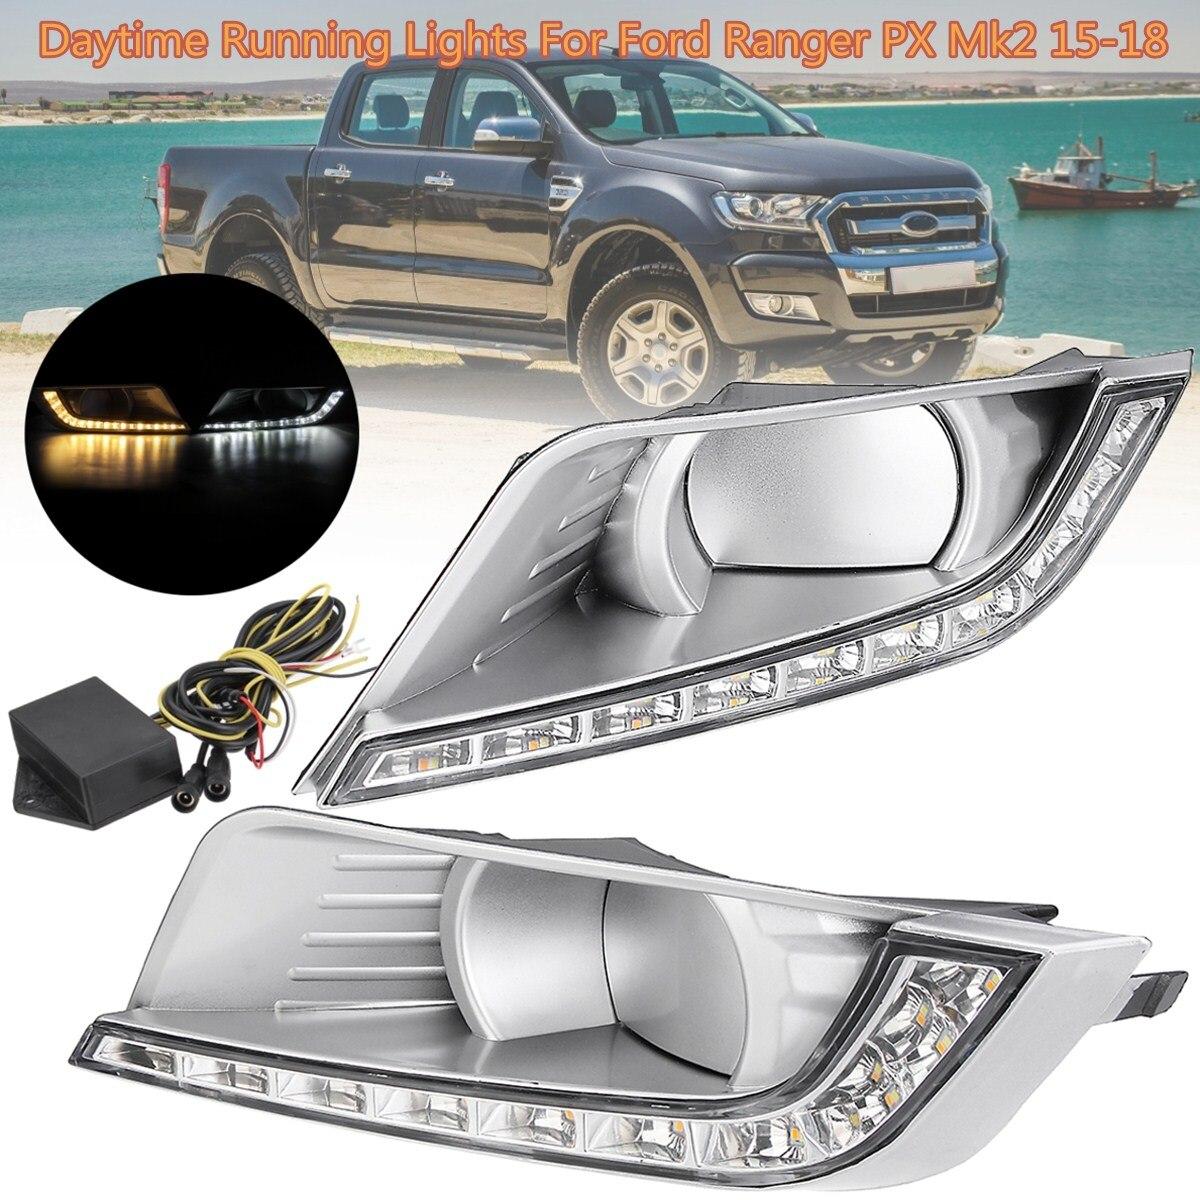 1Pair Fog Light Daytime Running Lights Daylight turn Signal DRL Lamp car Styling light for Ford Ranger PX Mk2 2015 2016~2018 smrke drl for ford ranger wildtrak 2015 2017 car led daytime running lights